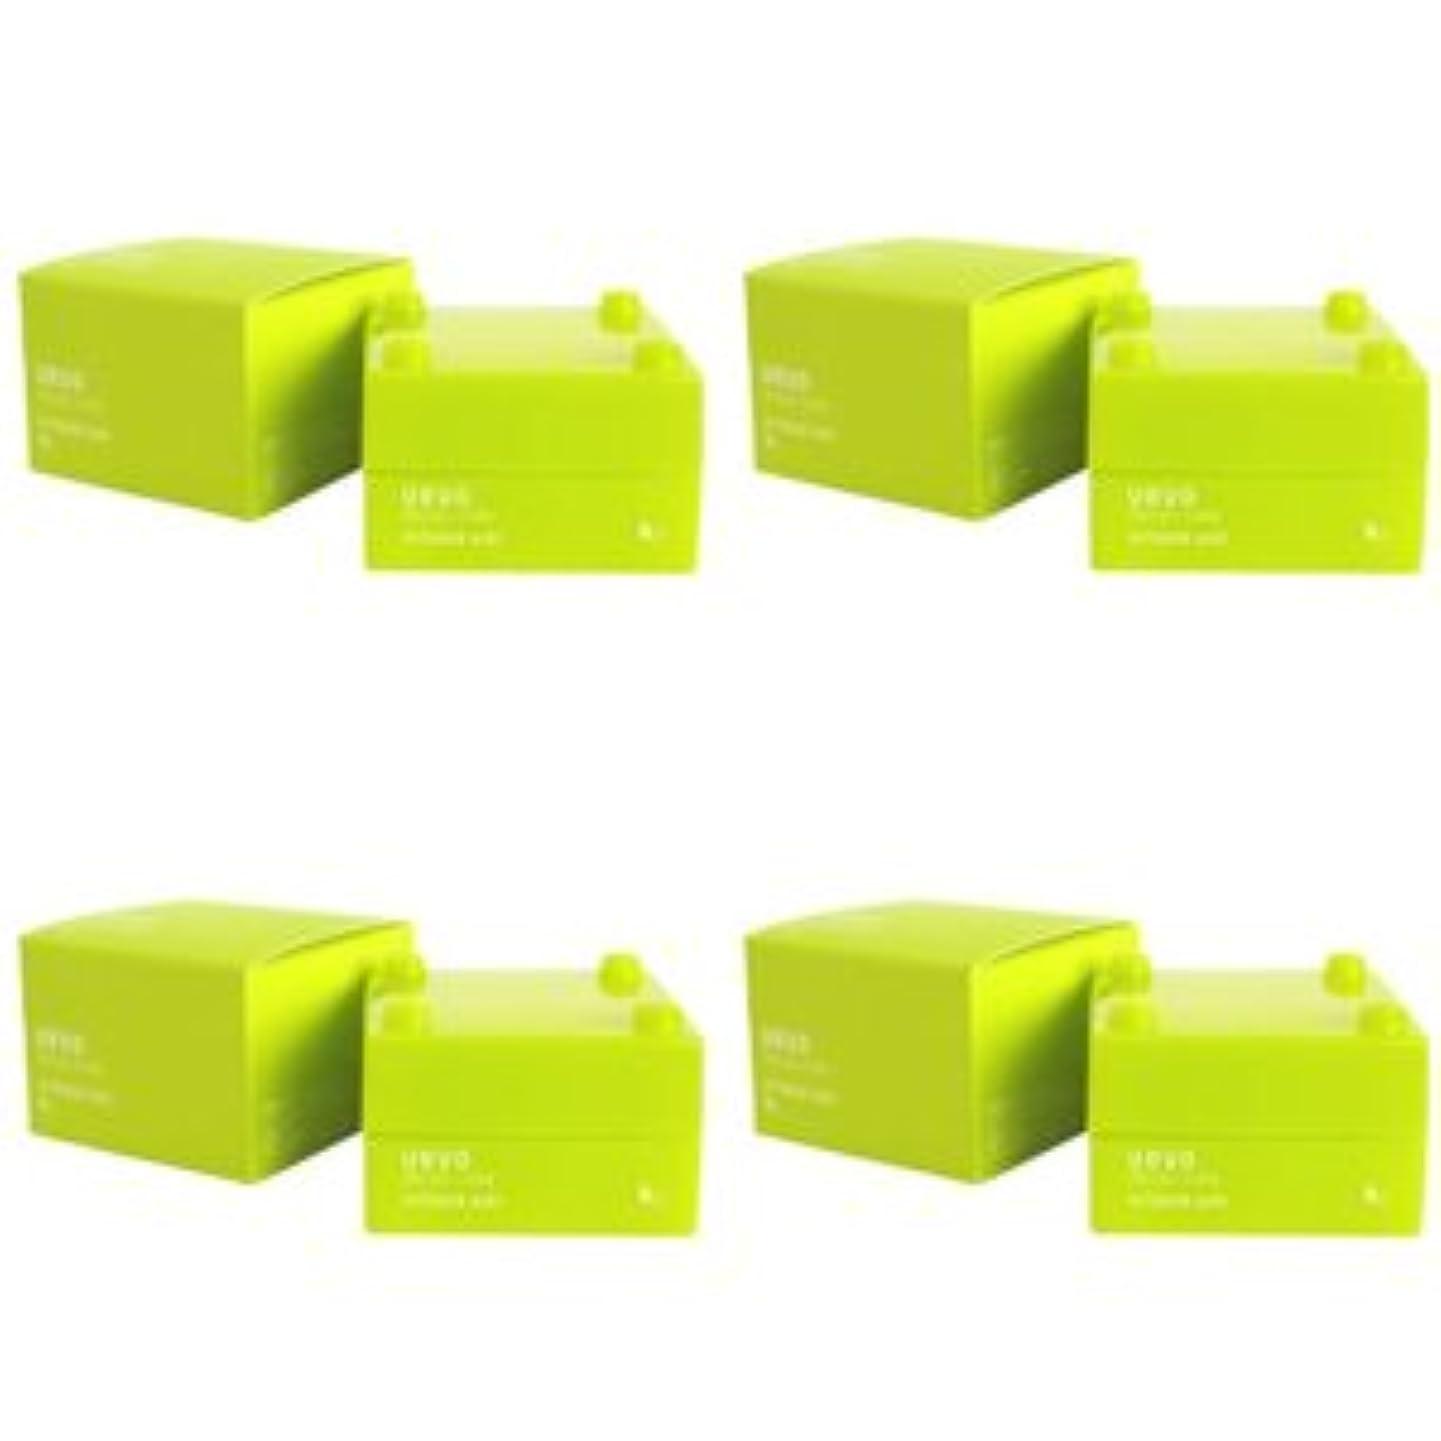 火曜日自発ジェット【X4個セット】 デミ ウェーボ デザインキューブ エアルーズワックス 30g airloose wax DEMI uevo design cube